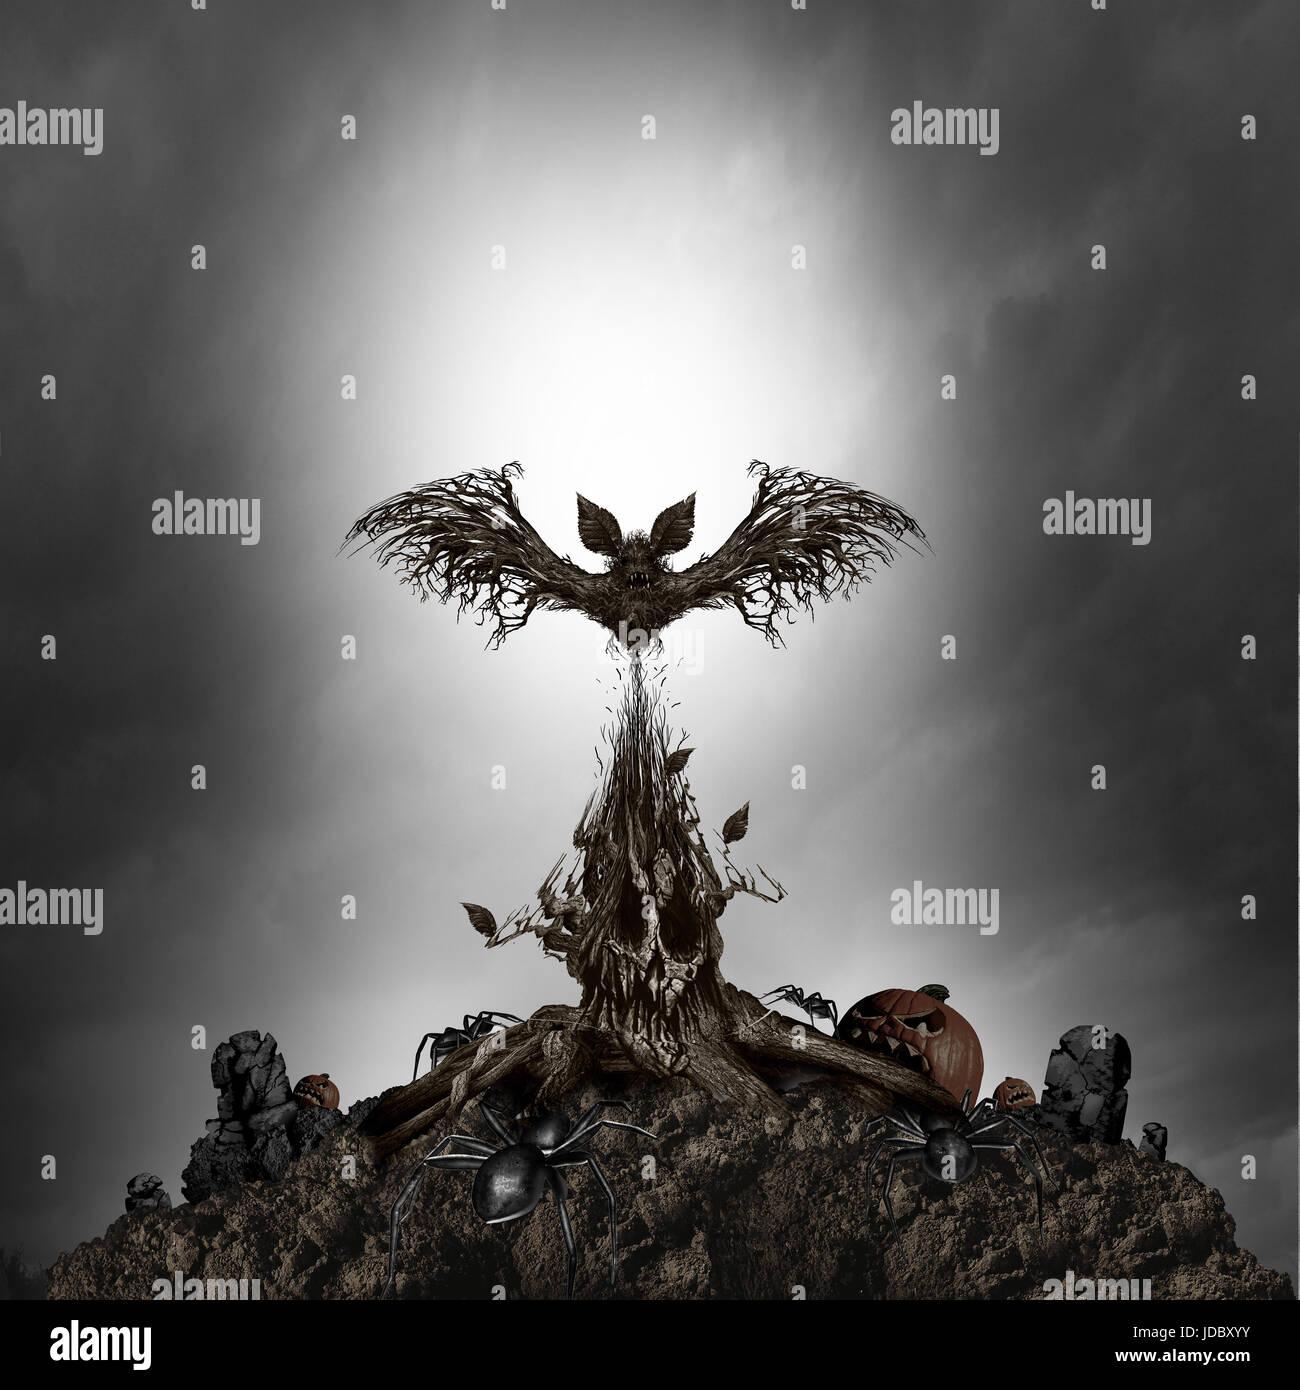 Scary monster ad albero concetto come creepy notte oscura orrore in scena con un mutante di vivente pianta conformata Immagini Stock